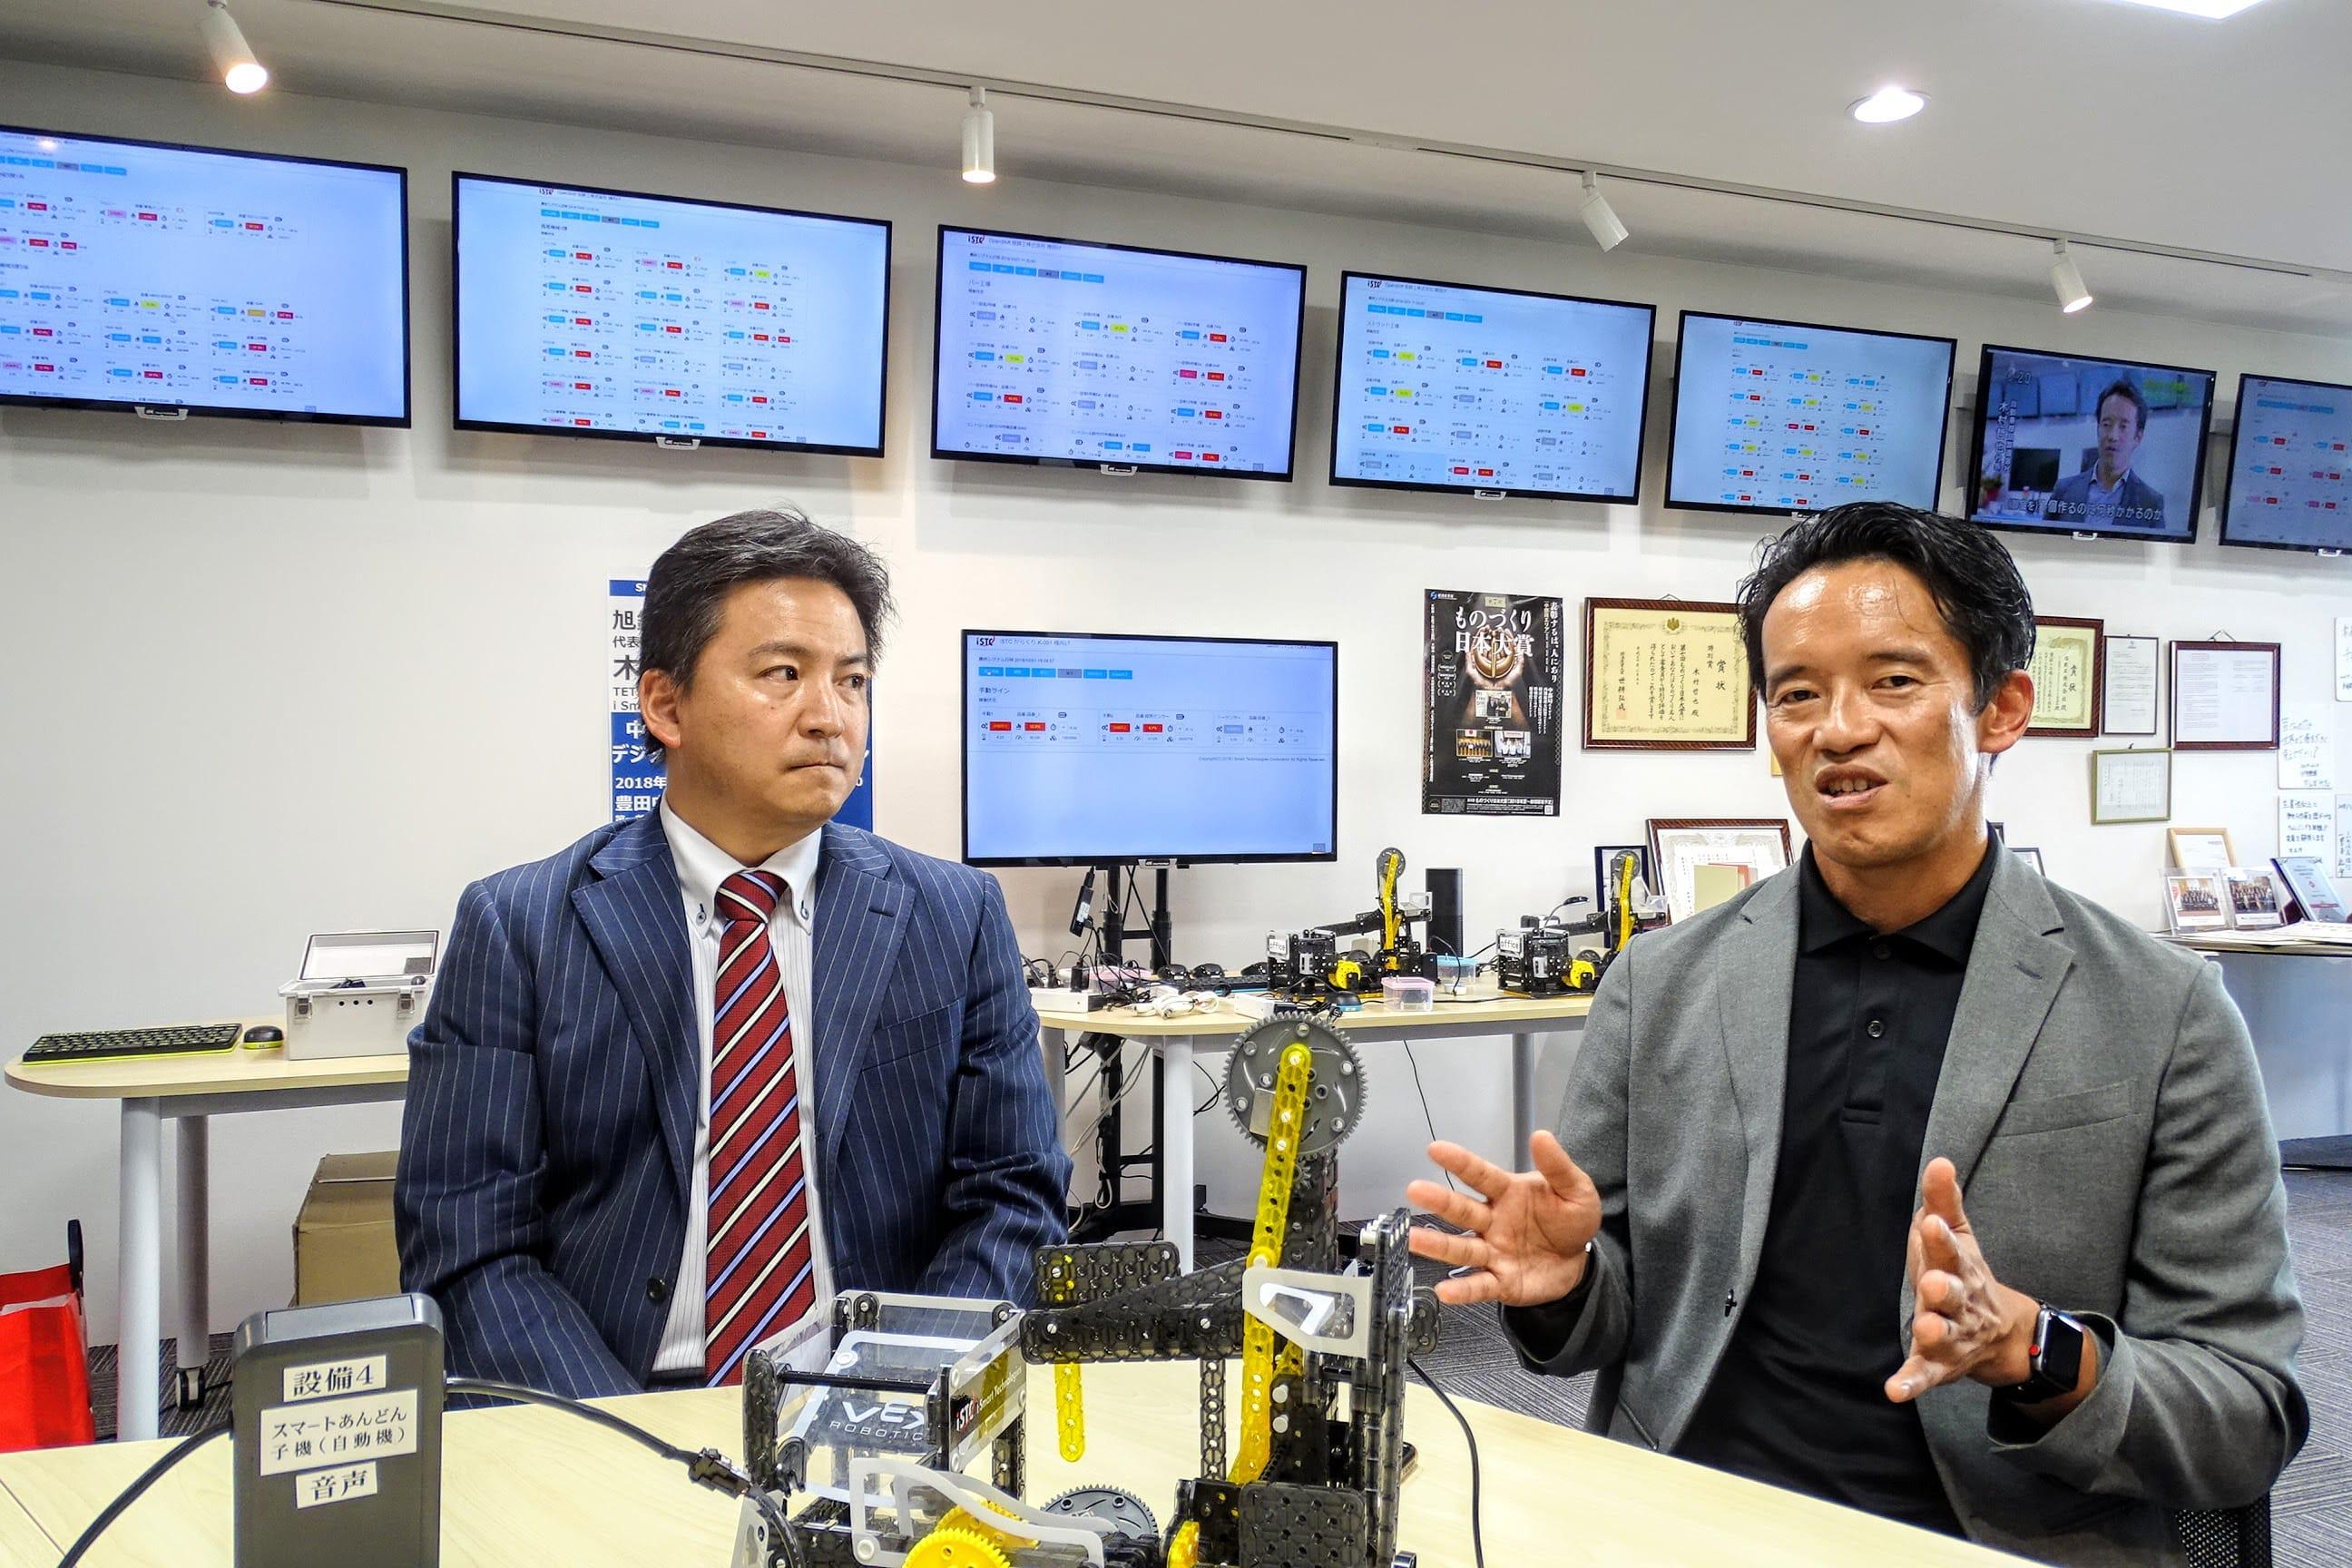 製造の現場から得られた知見で行う、工場の可視化 ーi Smart Technologies 木村氏、ウフル 八子氏 対談